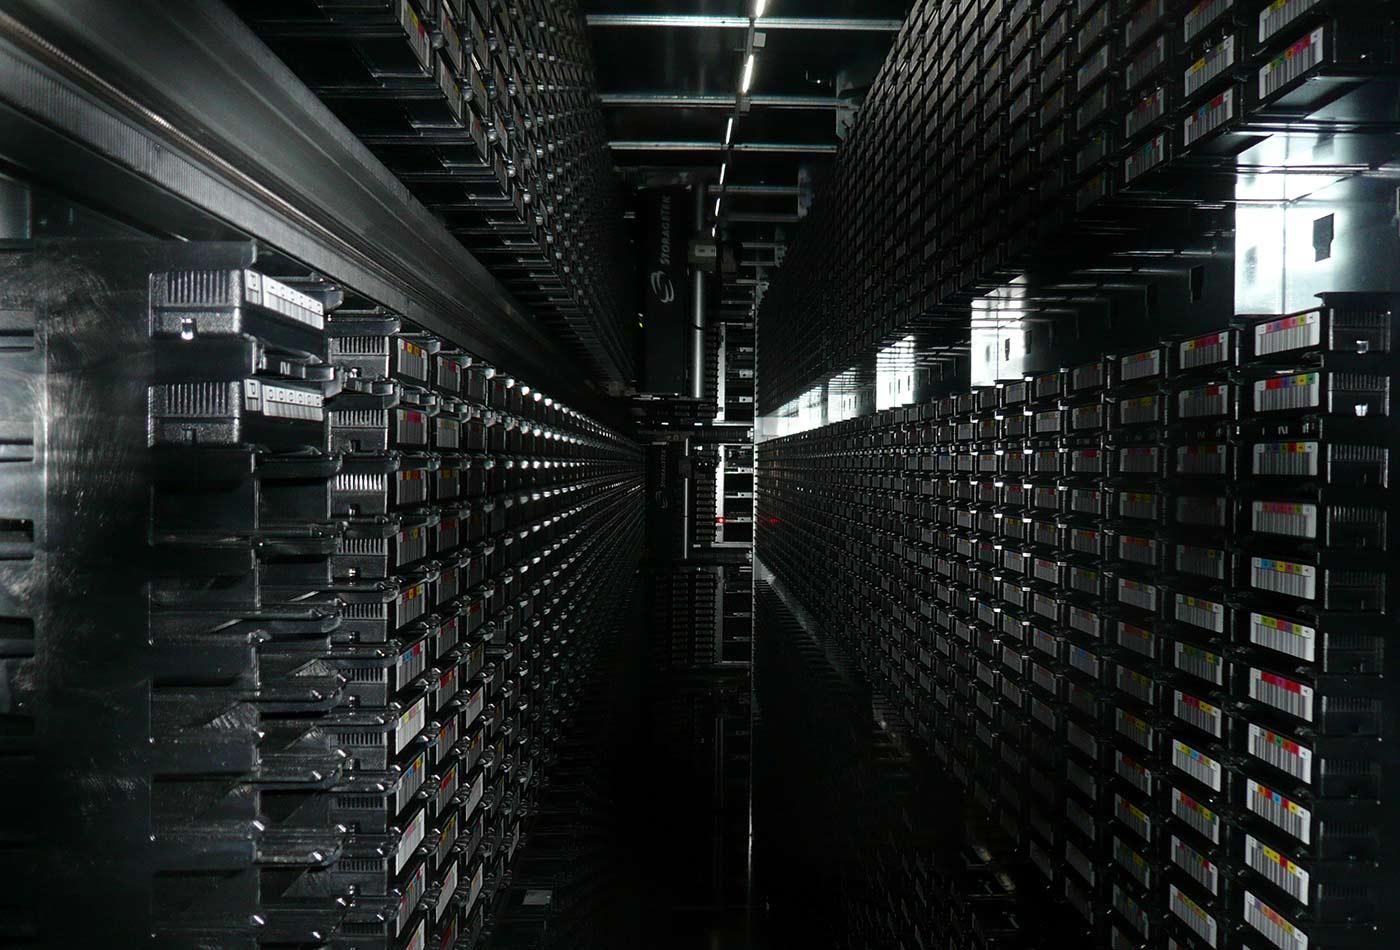 Tape library, CERN, Geneva 2.